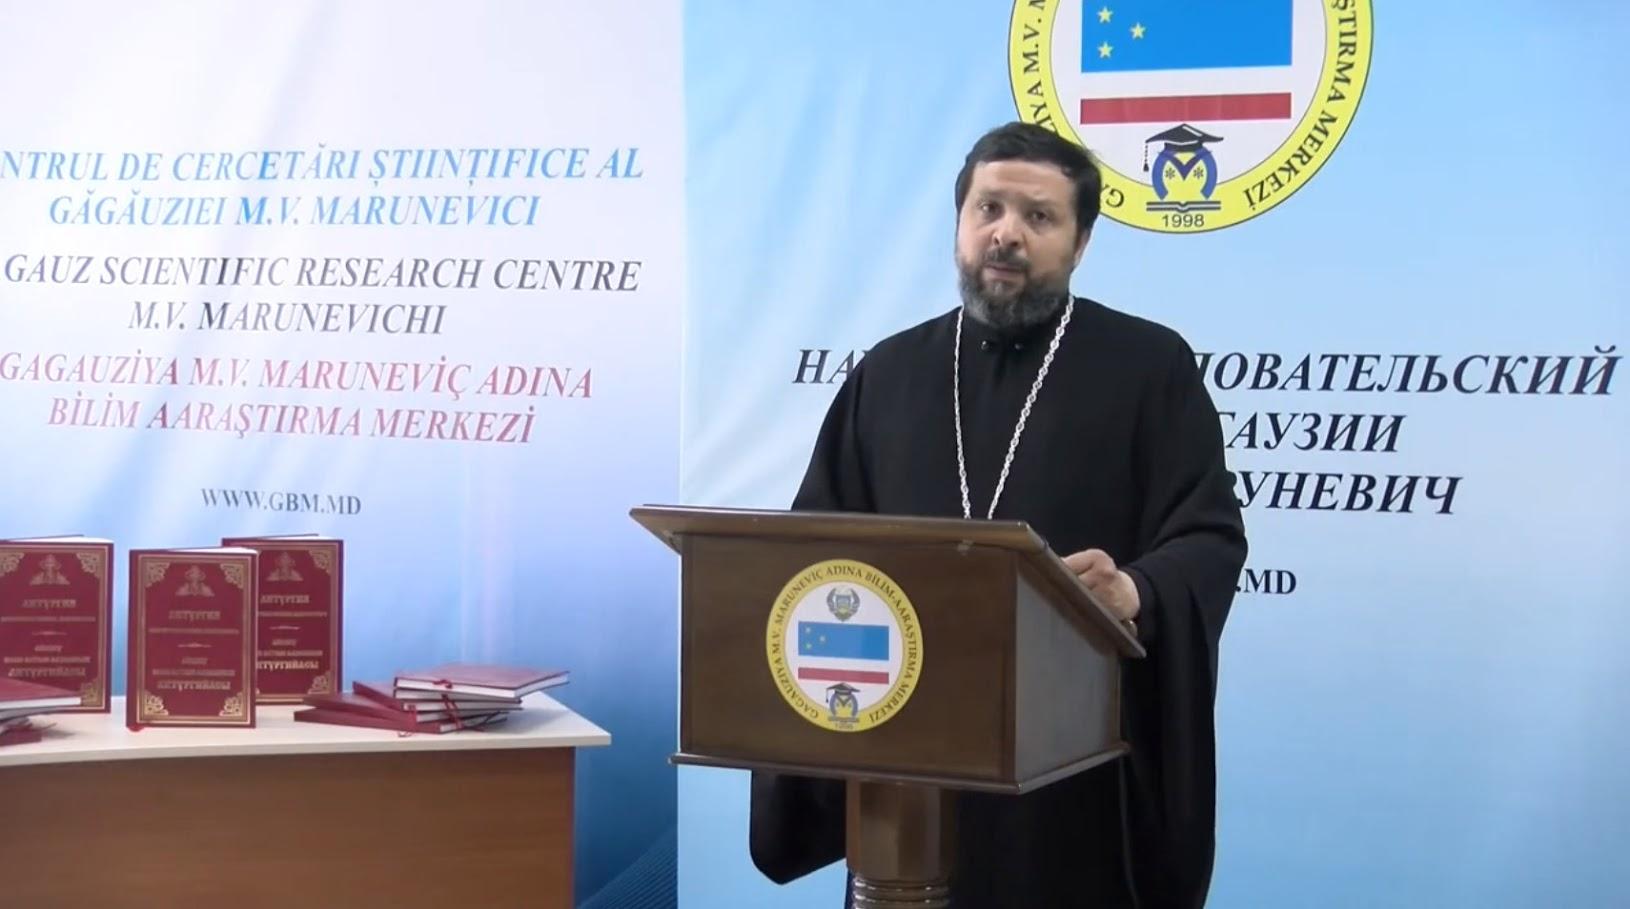 (ВИДЕО) Прот. Виталий Зелинский: «Литургия — это главная встреча человека с Богом»